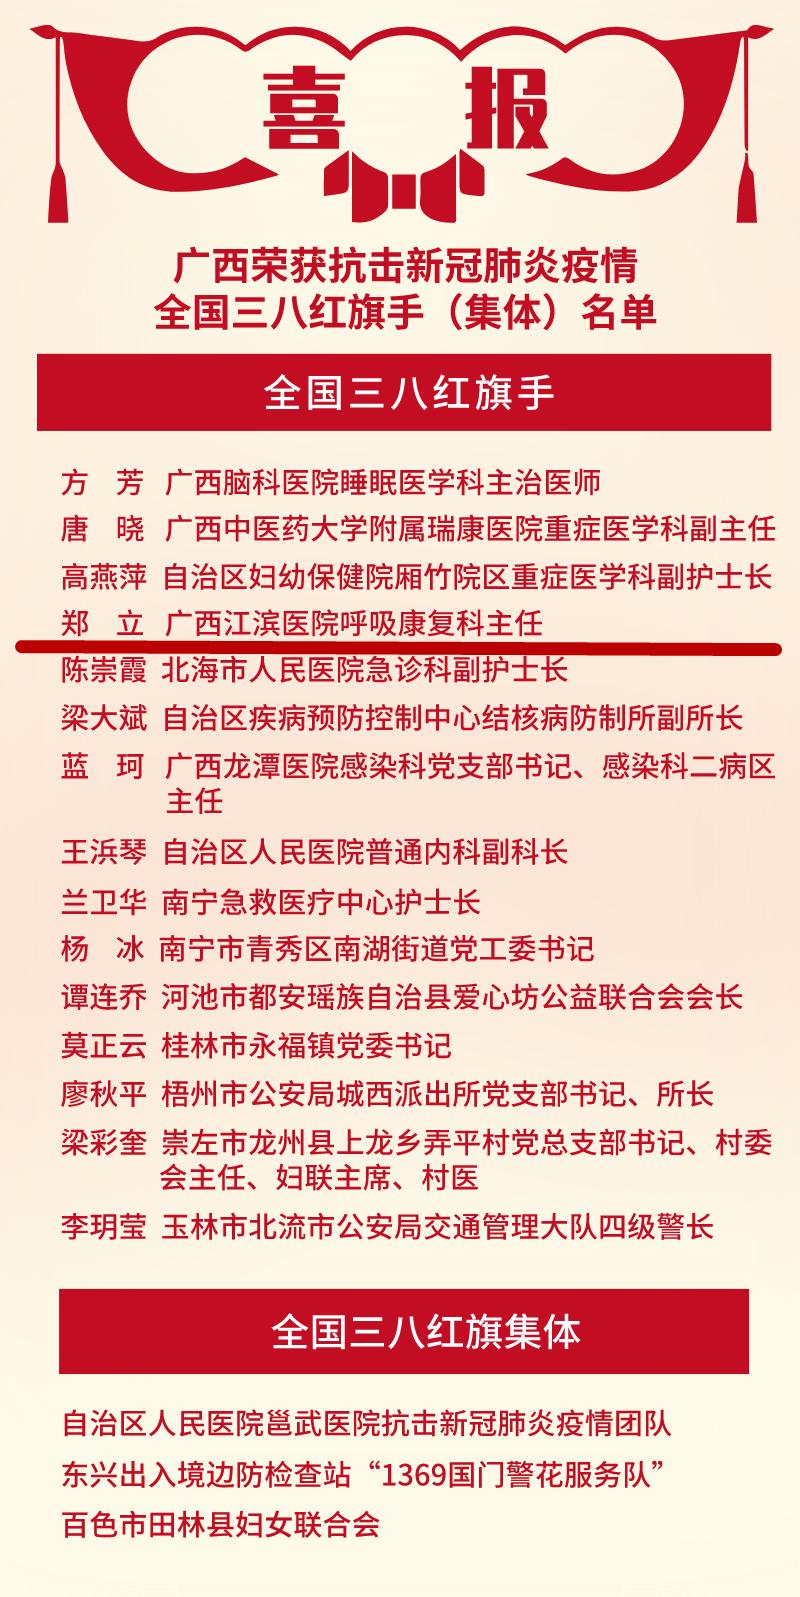 国家级表彰!广西江滨医院郑立获评抗疫全国三八红旗手